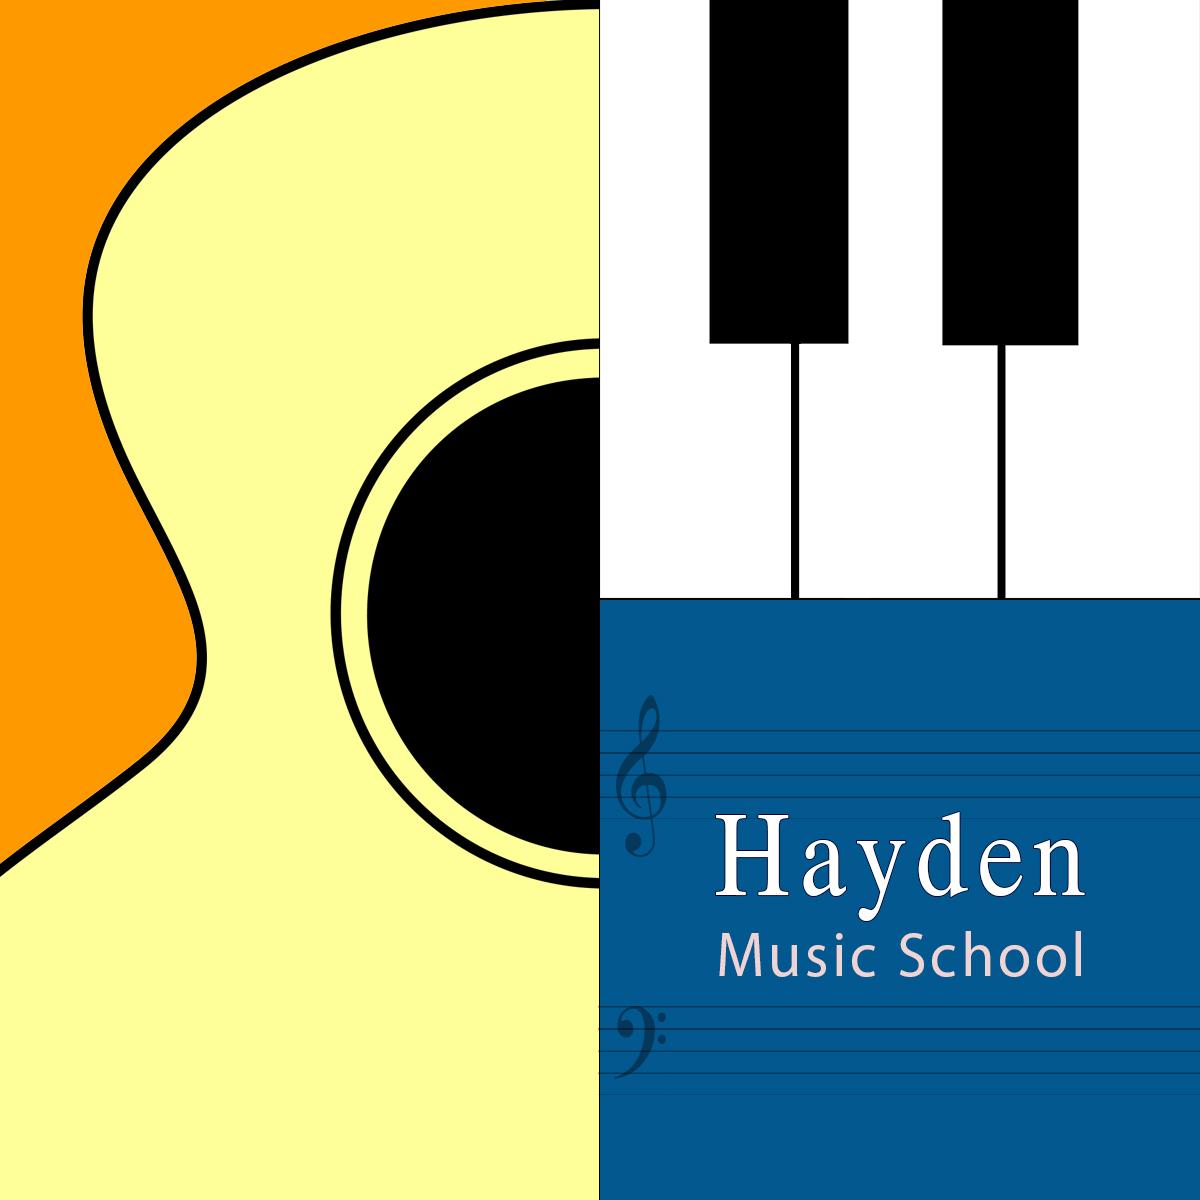 Hayden Music School